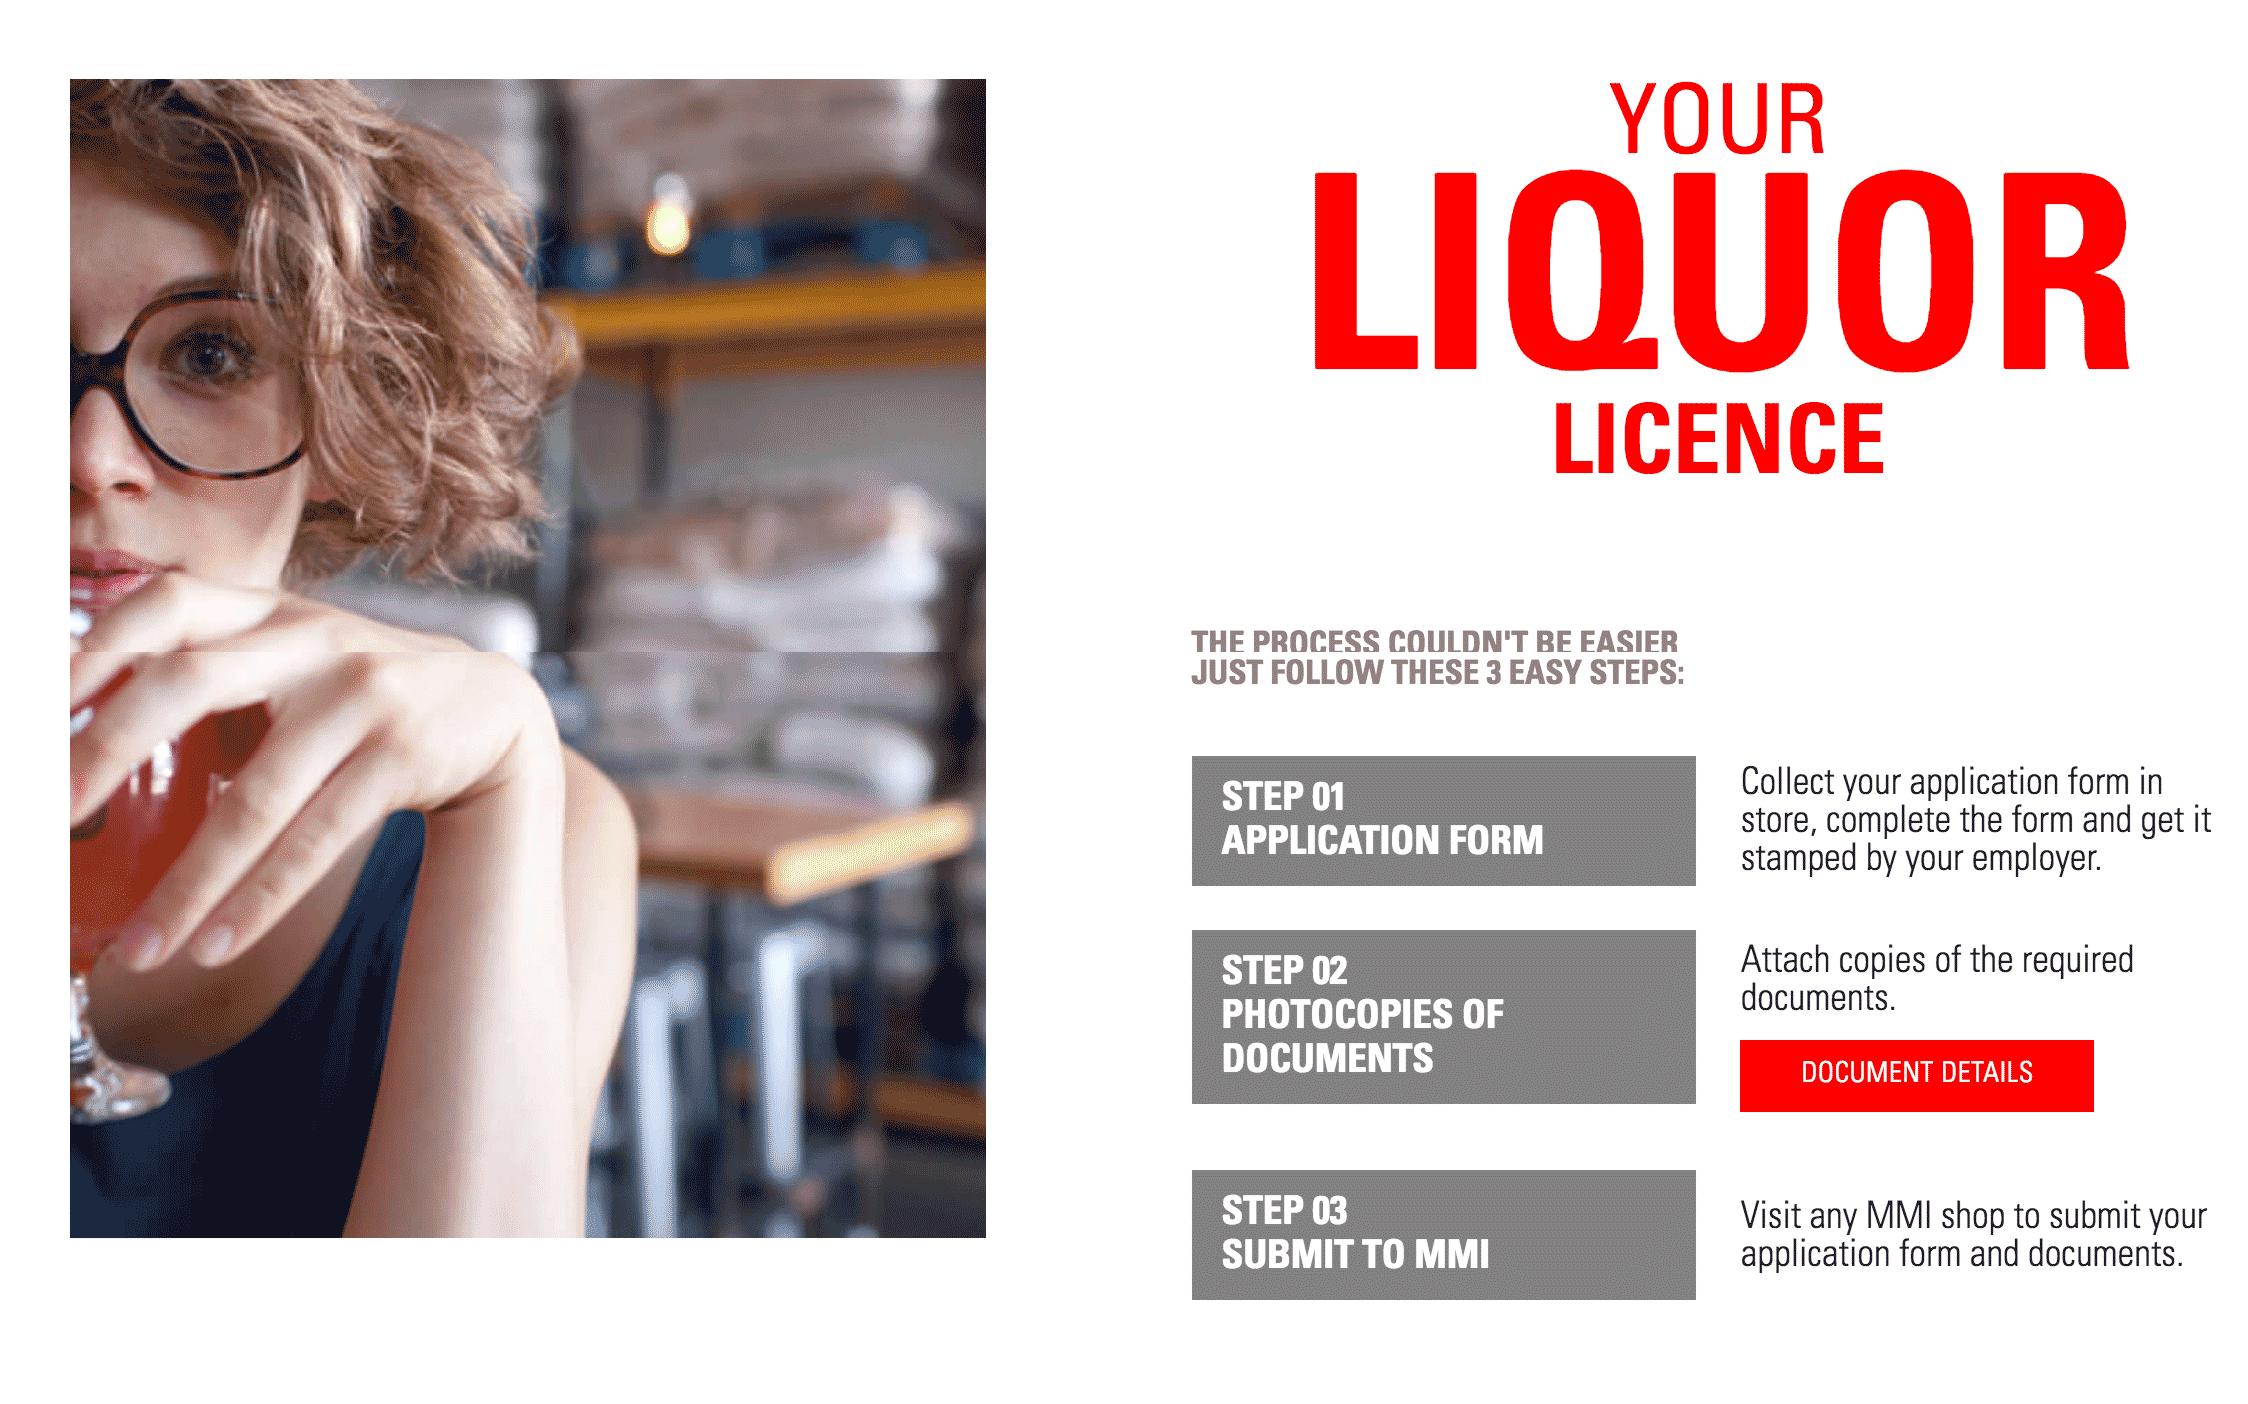 На сайте торговой компании «Эм-эм-ай», продающей алкоголь в ОАЭ, пошагово расписано, как получить лицензию